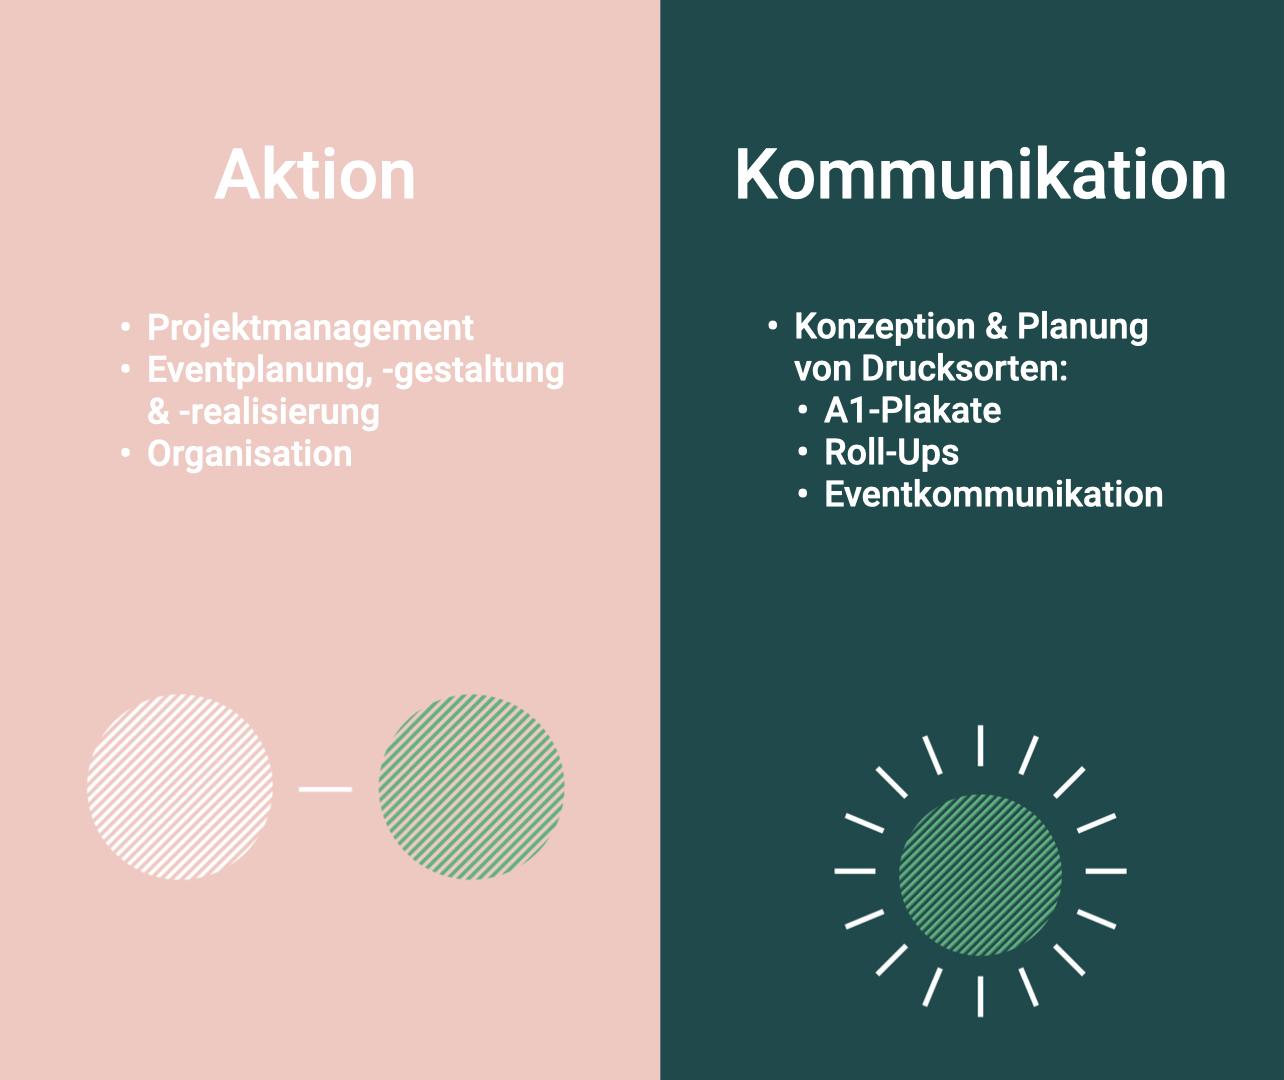 Auf dem Bild sind die Leistungen von Visionistas zu sehen:  Aktion: Projektmanagement Eventplanung, -gestaltung & -realisierung Organisation. Kommunikation: Konzeption & Planung von Drucksorten:  A1-Plakate Roll-Ups Eventkommunikation.